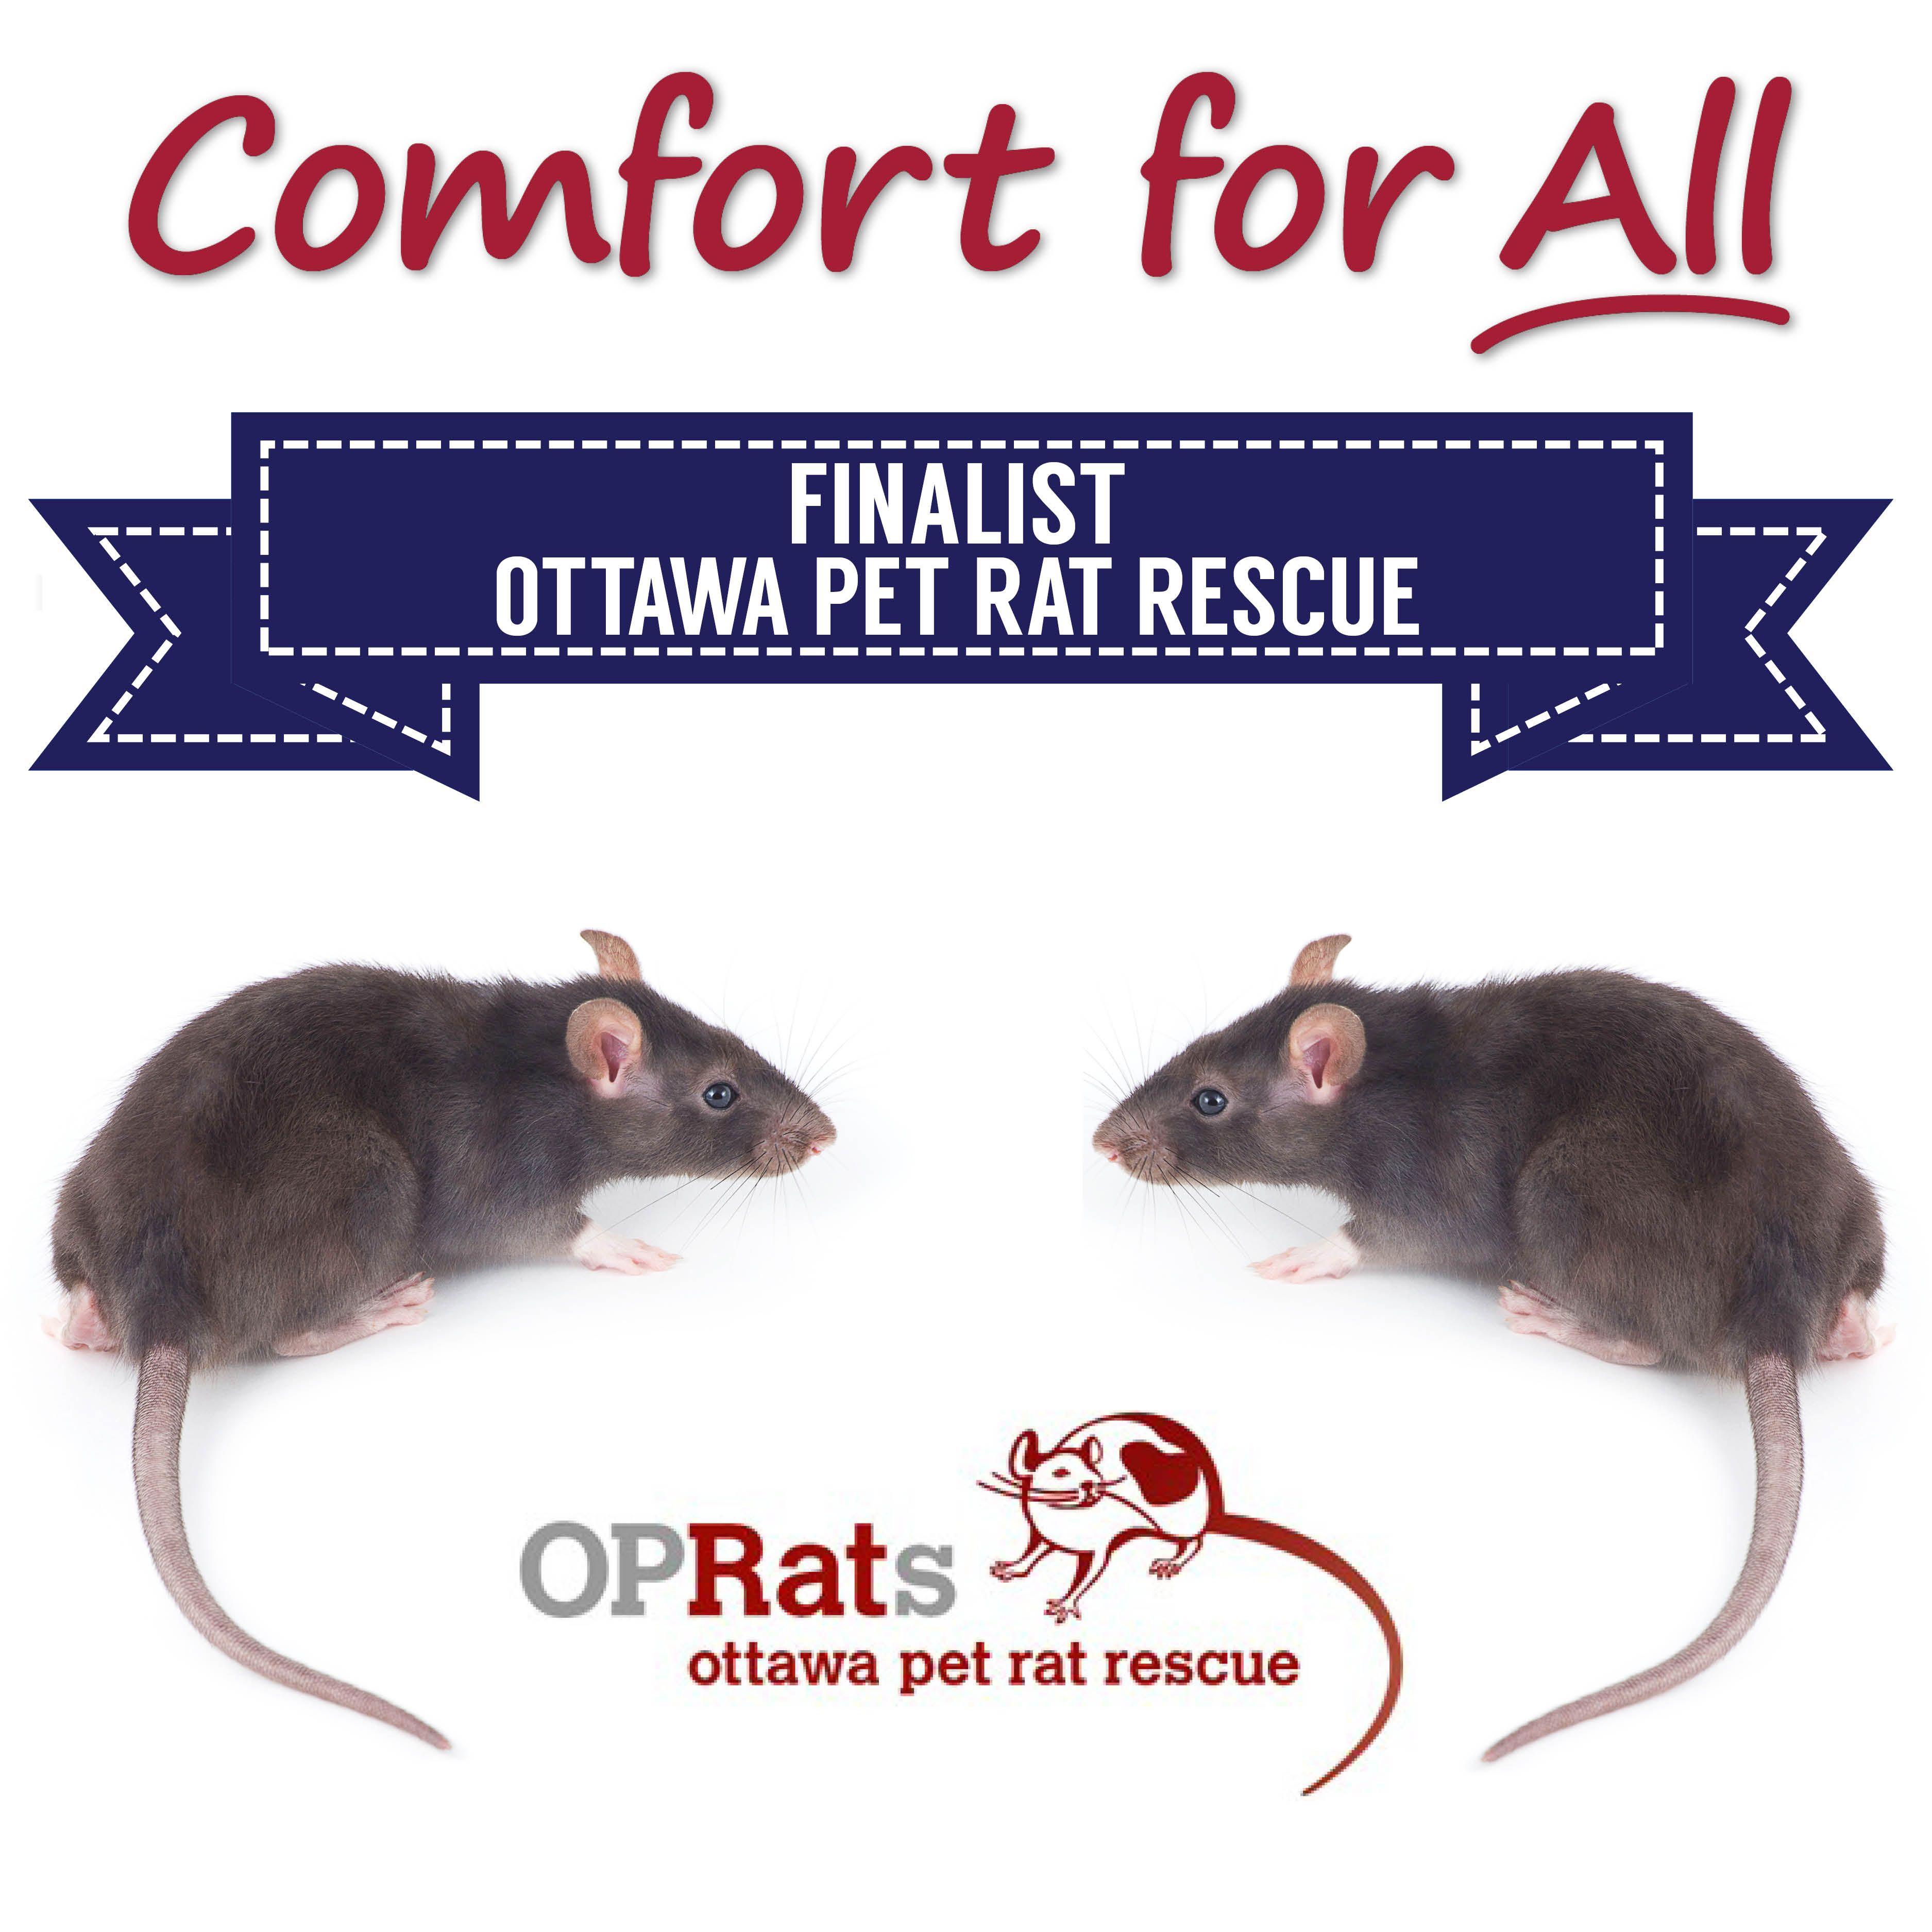 Comfort for All Finalist Ottawa Pet Rat Rescue Pet rats